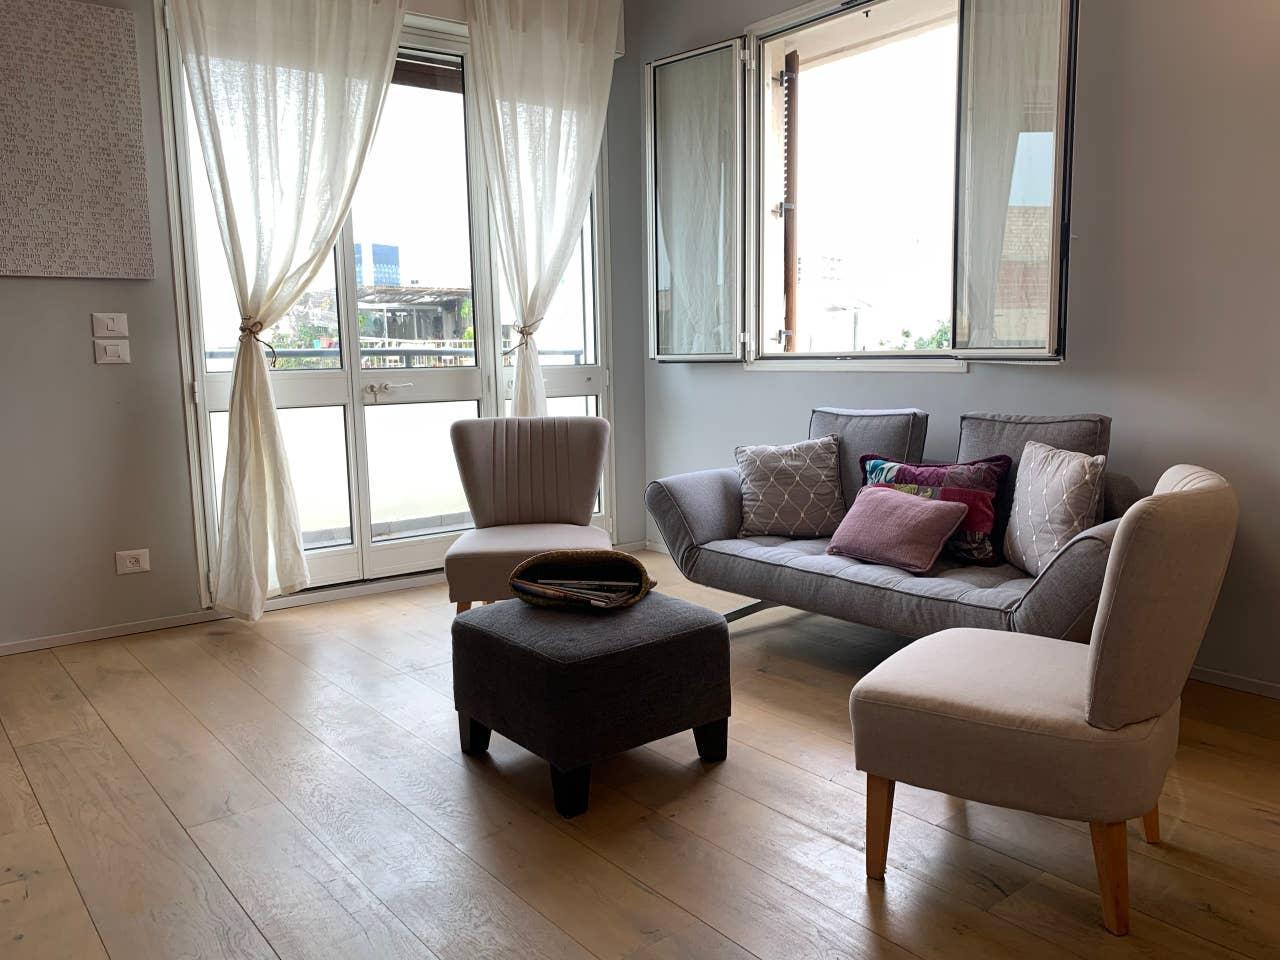 Apartment Italian design apartment in Rotchild  habima photo 18853524